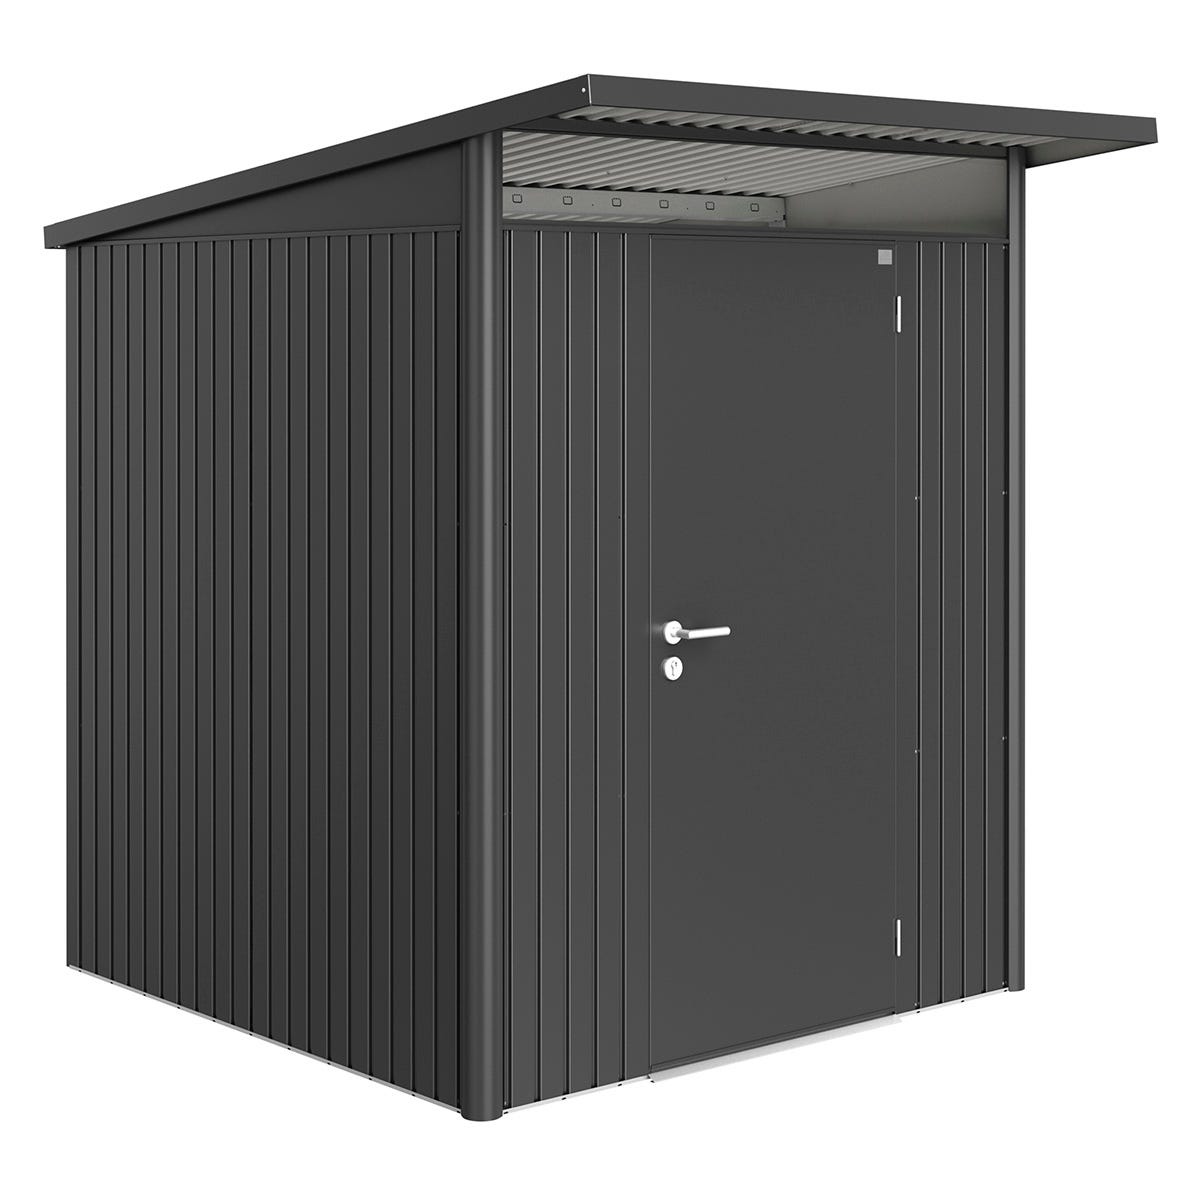 Biohort AvantGarde Metal Shed A1 Standard door 5' 9'' x 7' 2'' - Dark Grey